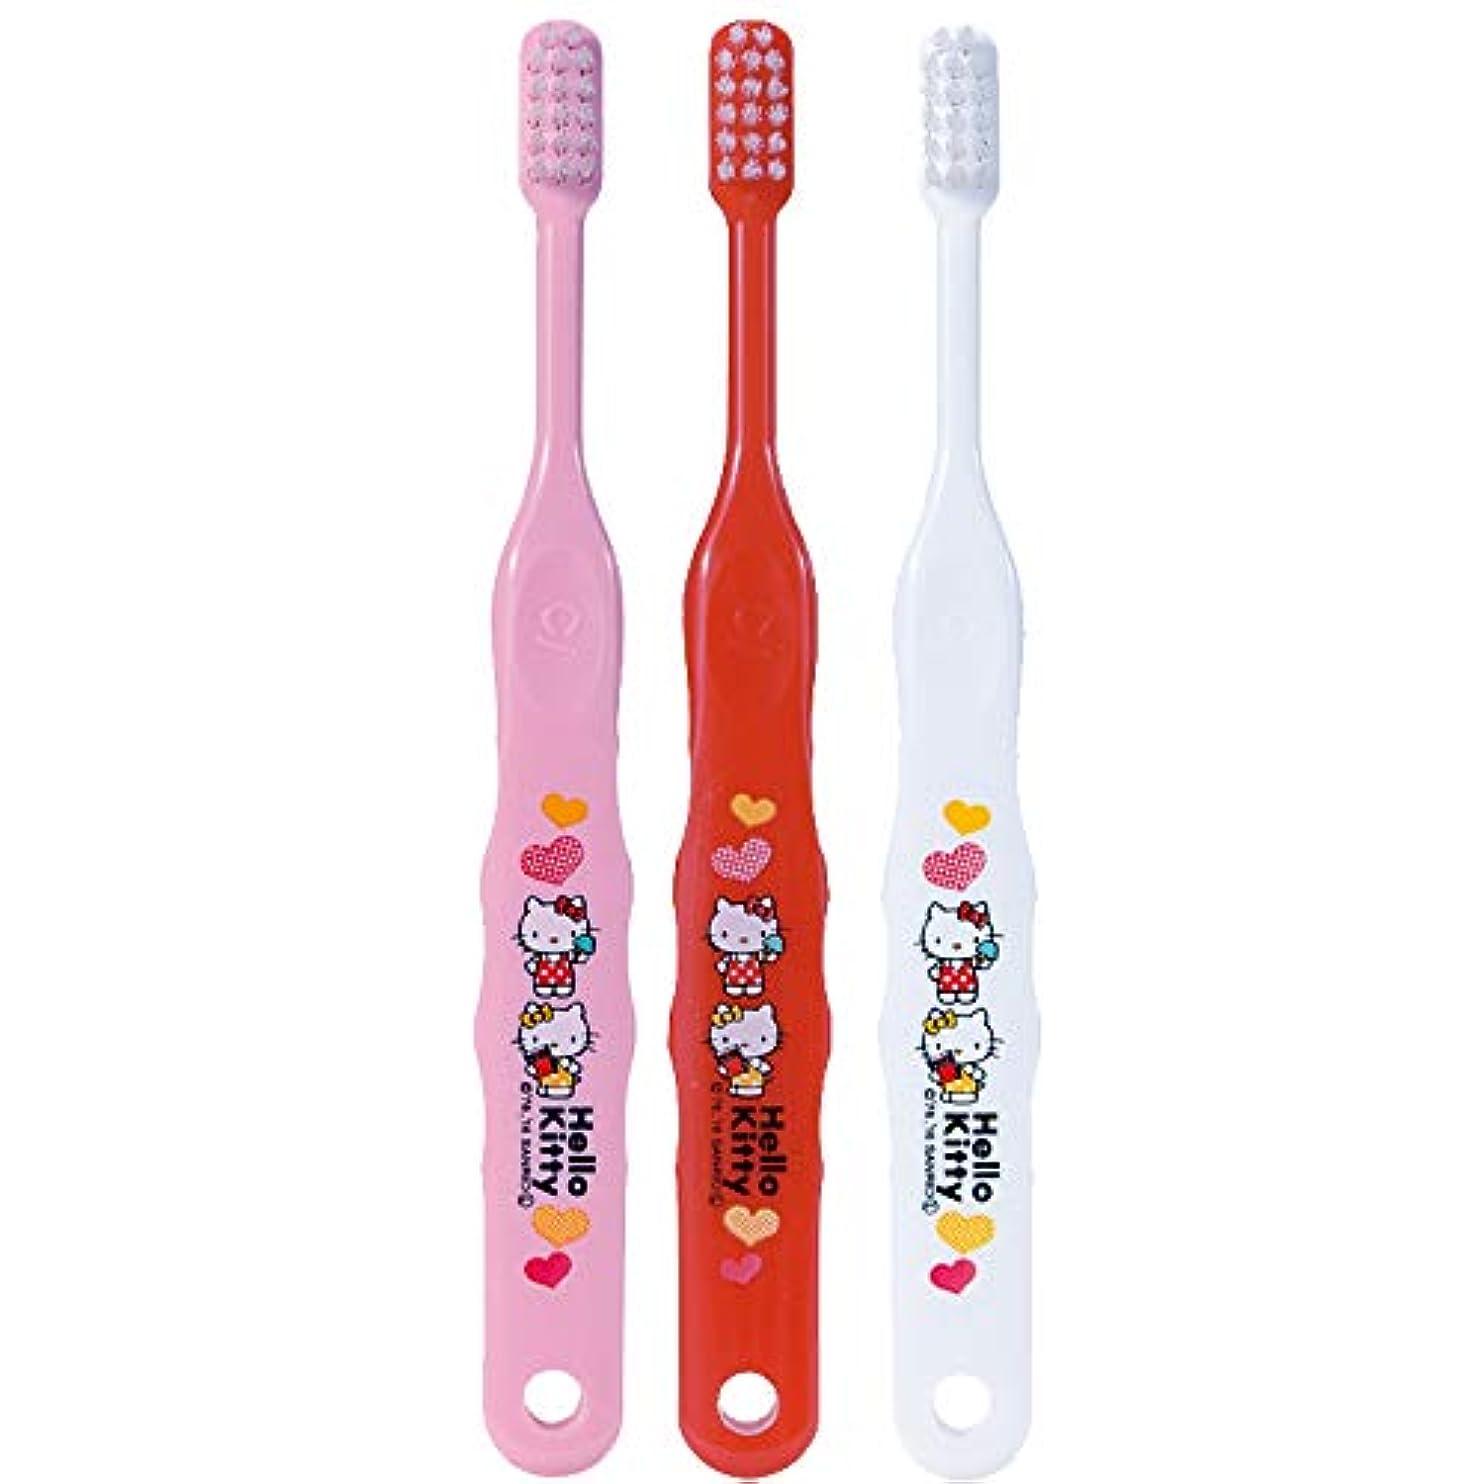 薬を飲む今まで兄歯科専売品 ハローキティ 子供用歯ブラシ Ci503(やわらかめ) × 3本(乳児~小学校低学年向)【日本製】